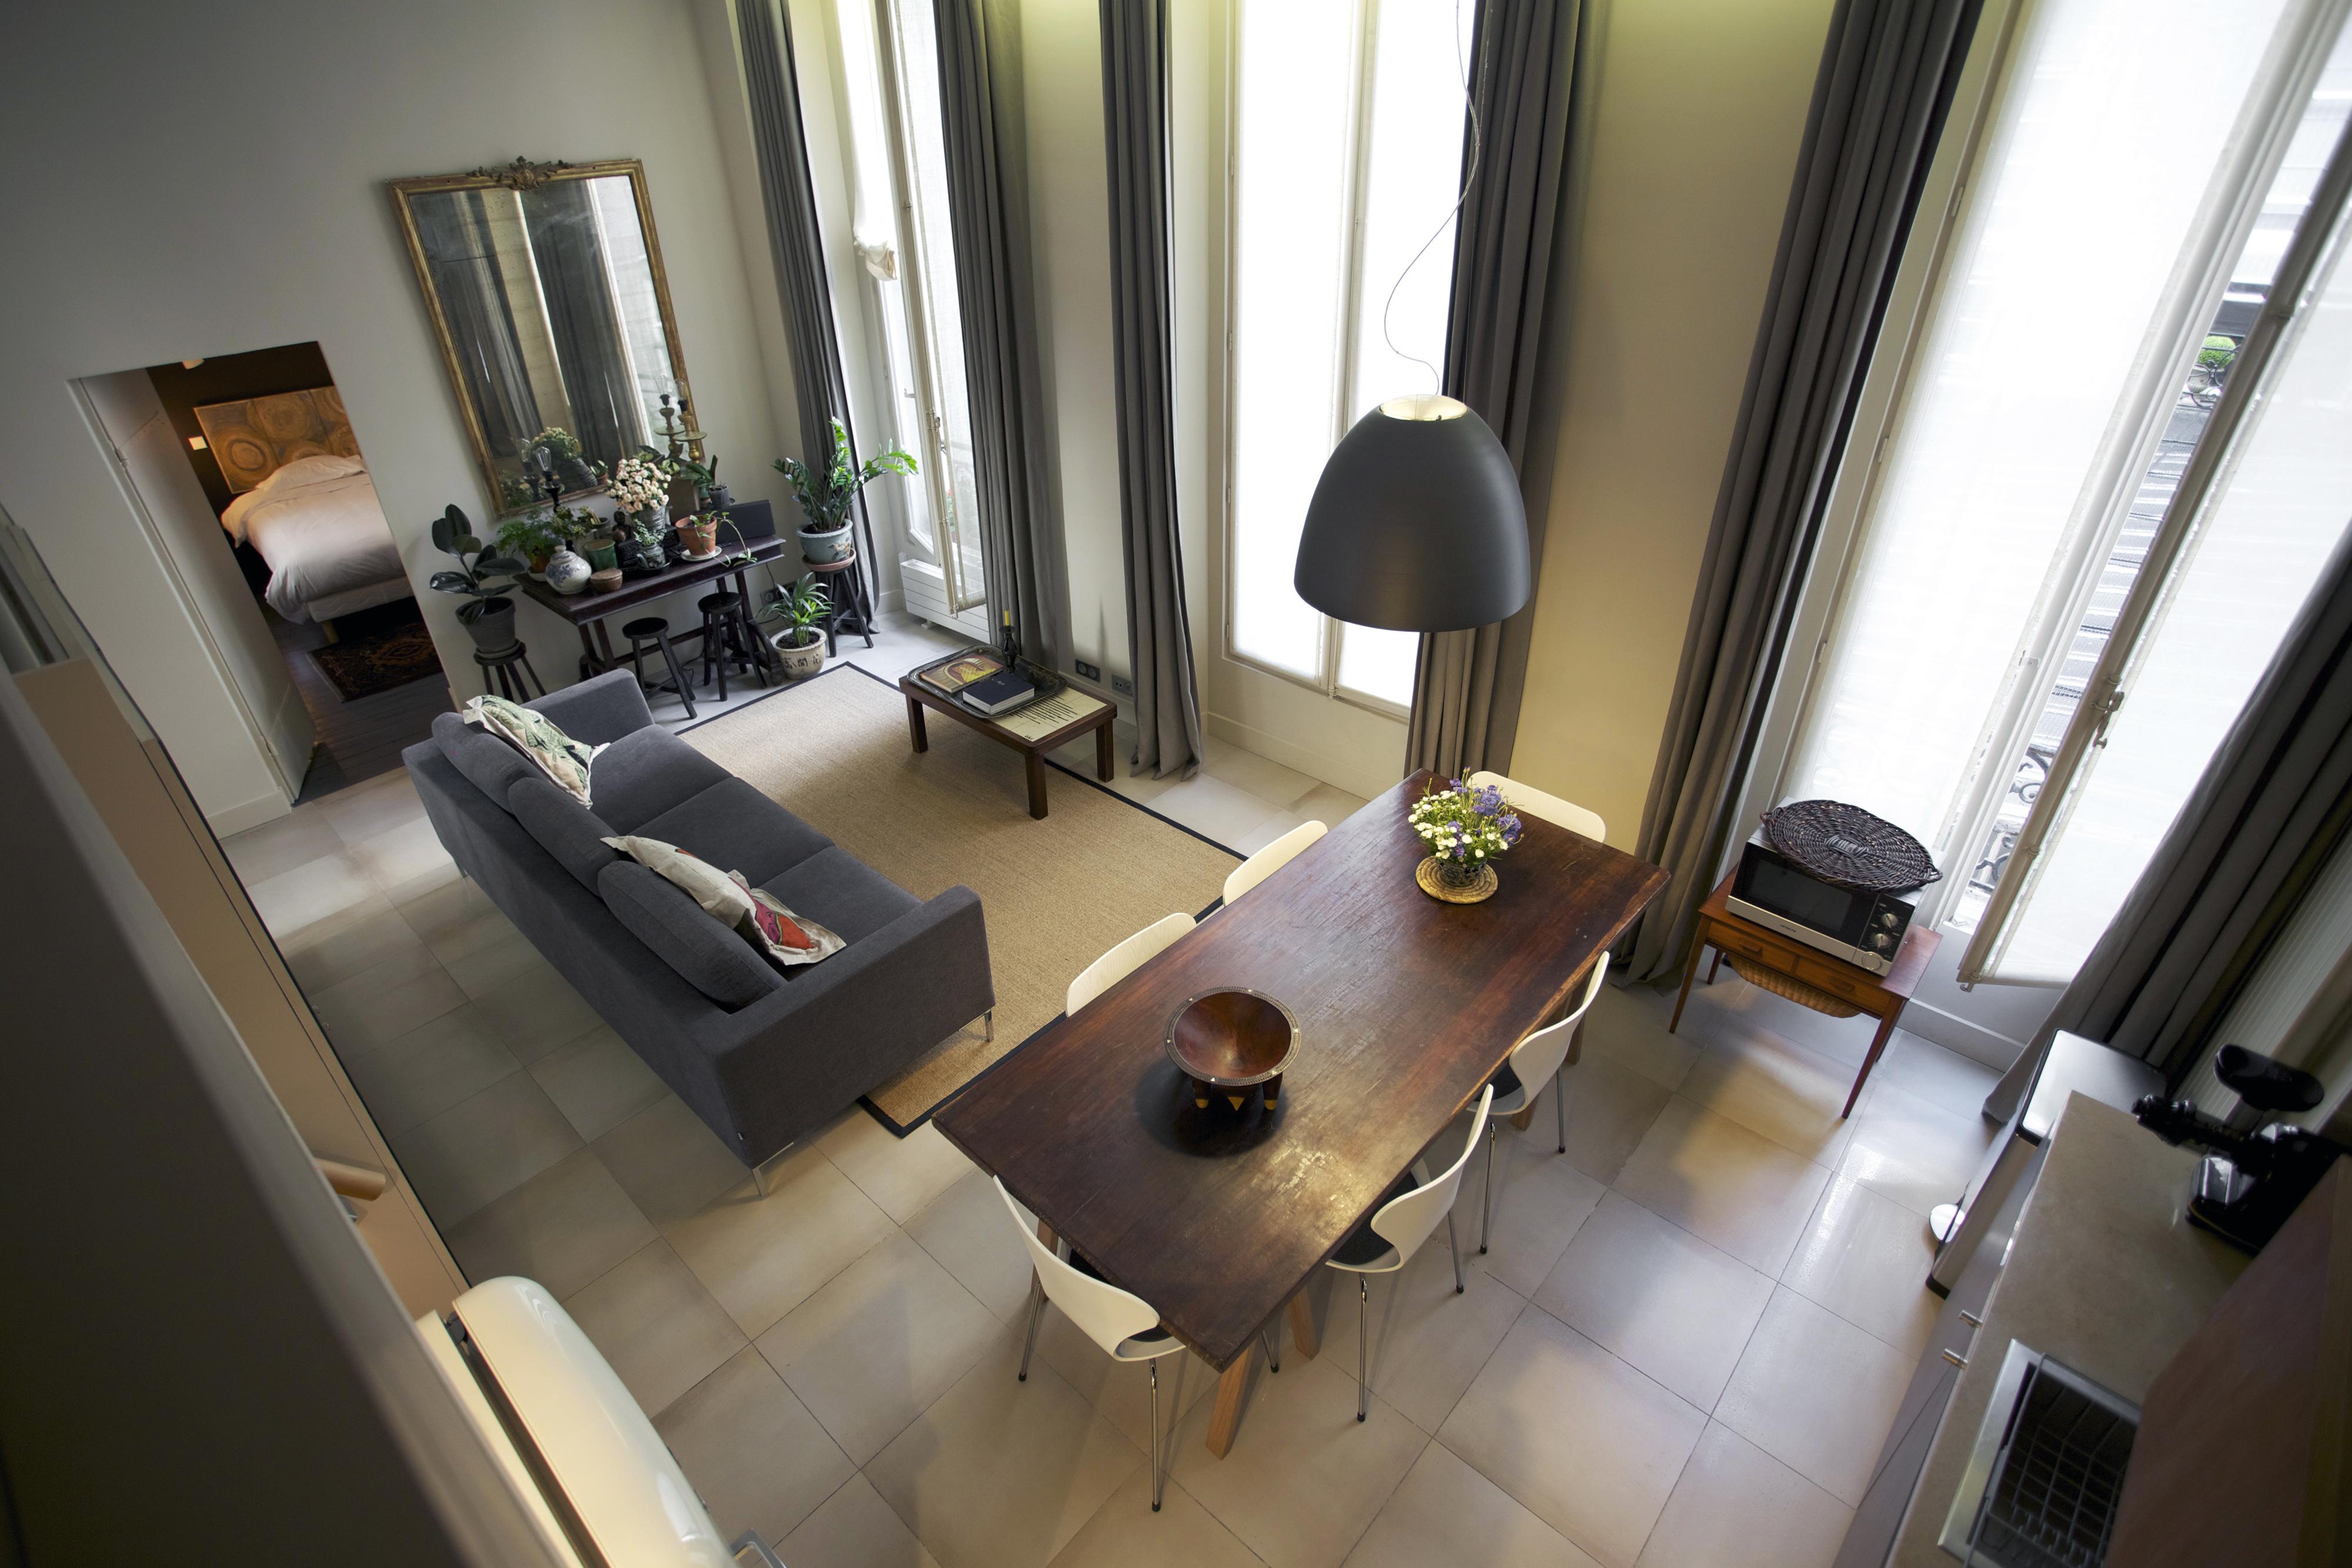 PARIS Appartement en location meublée TDJL & Partners